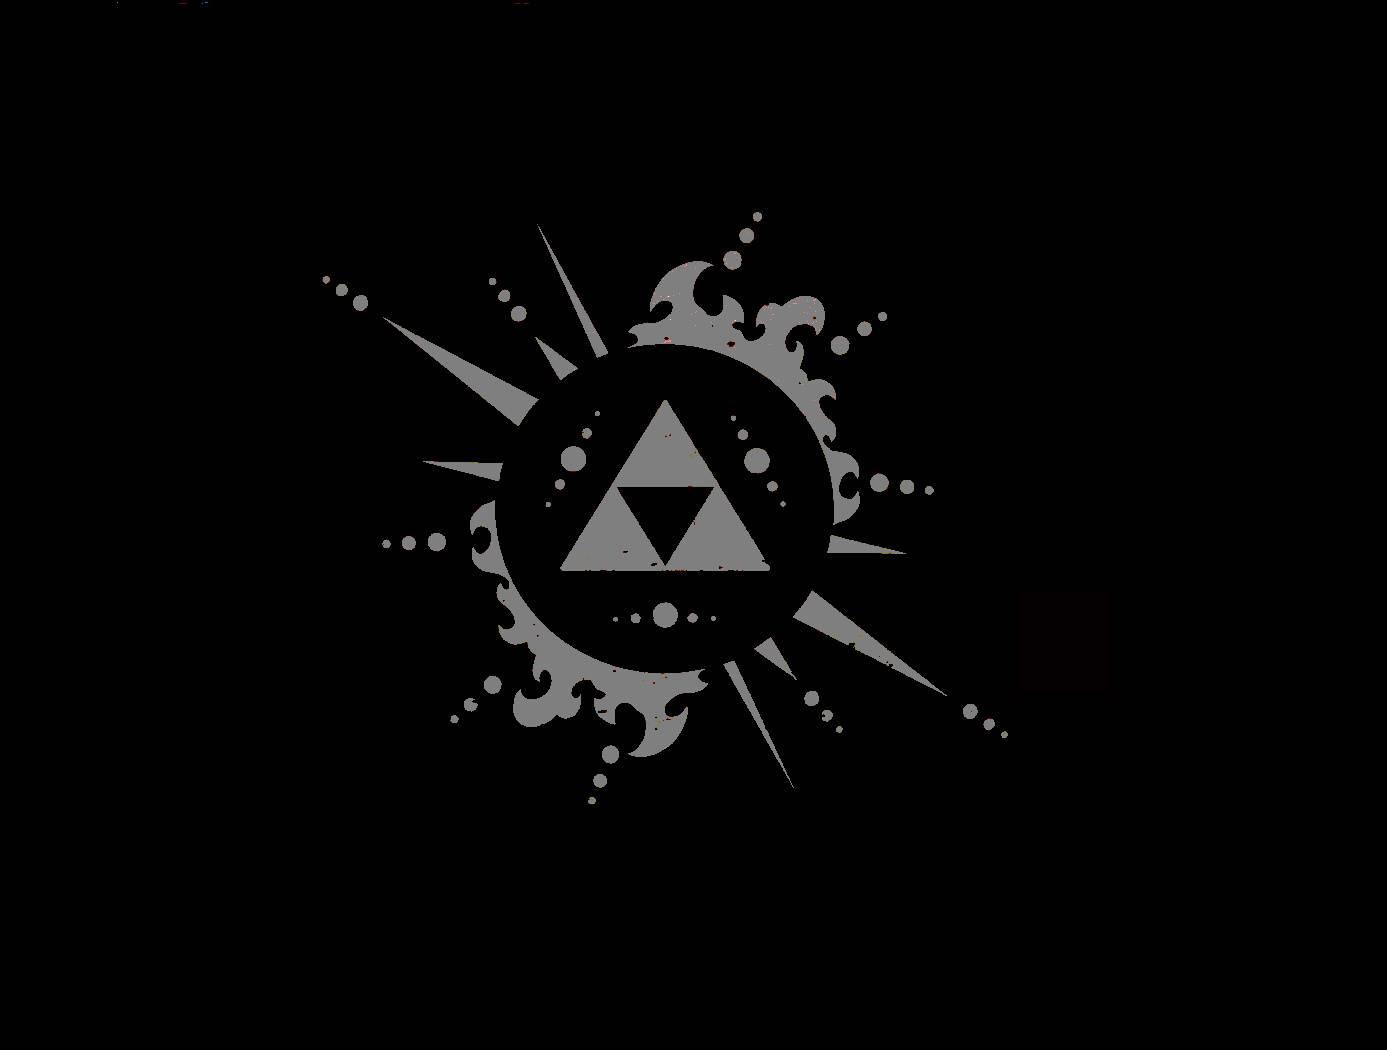 Triforce Dark